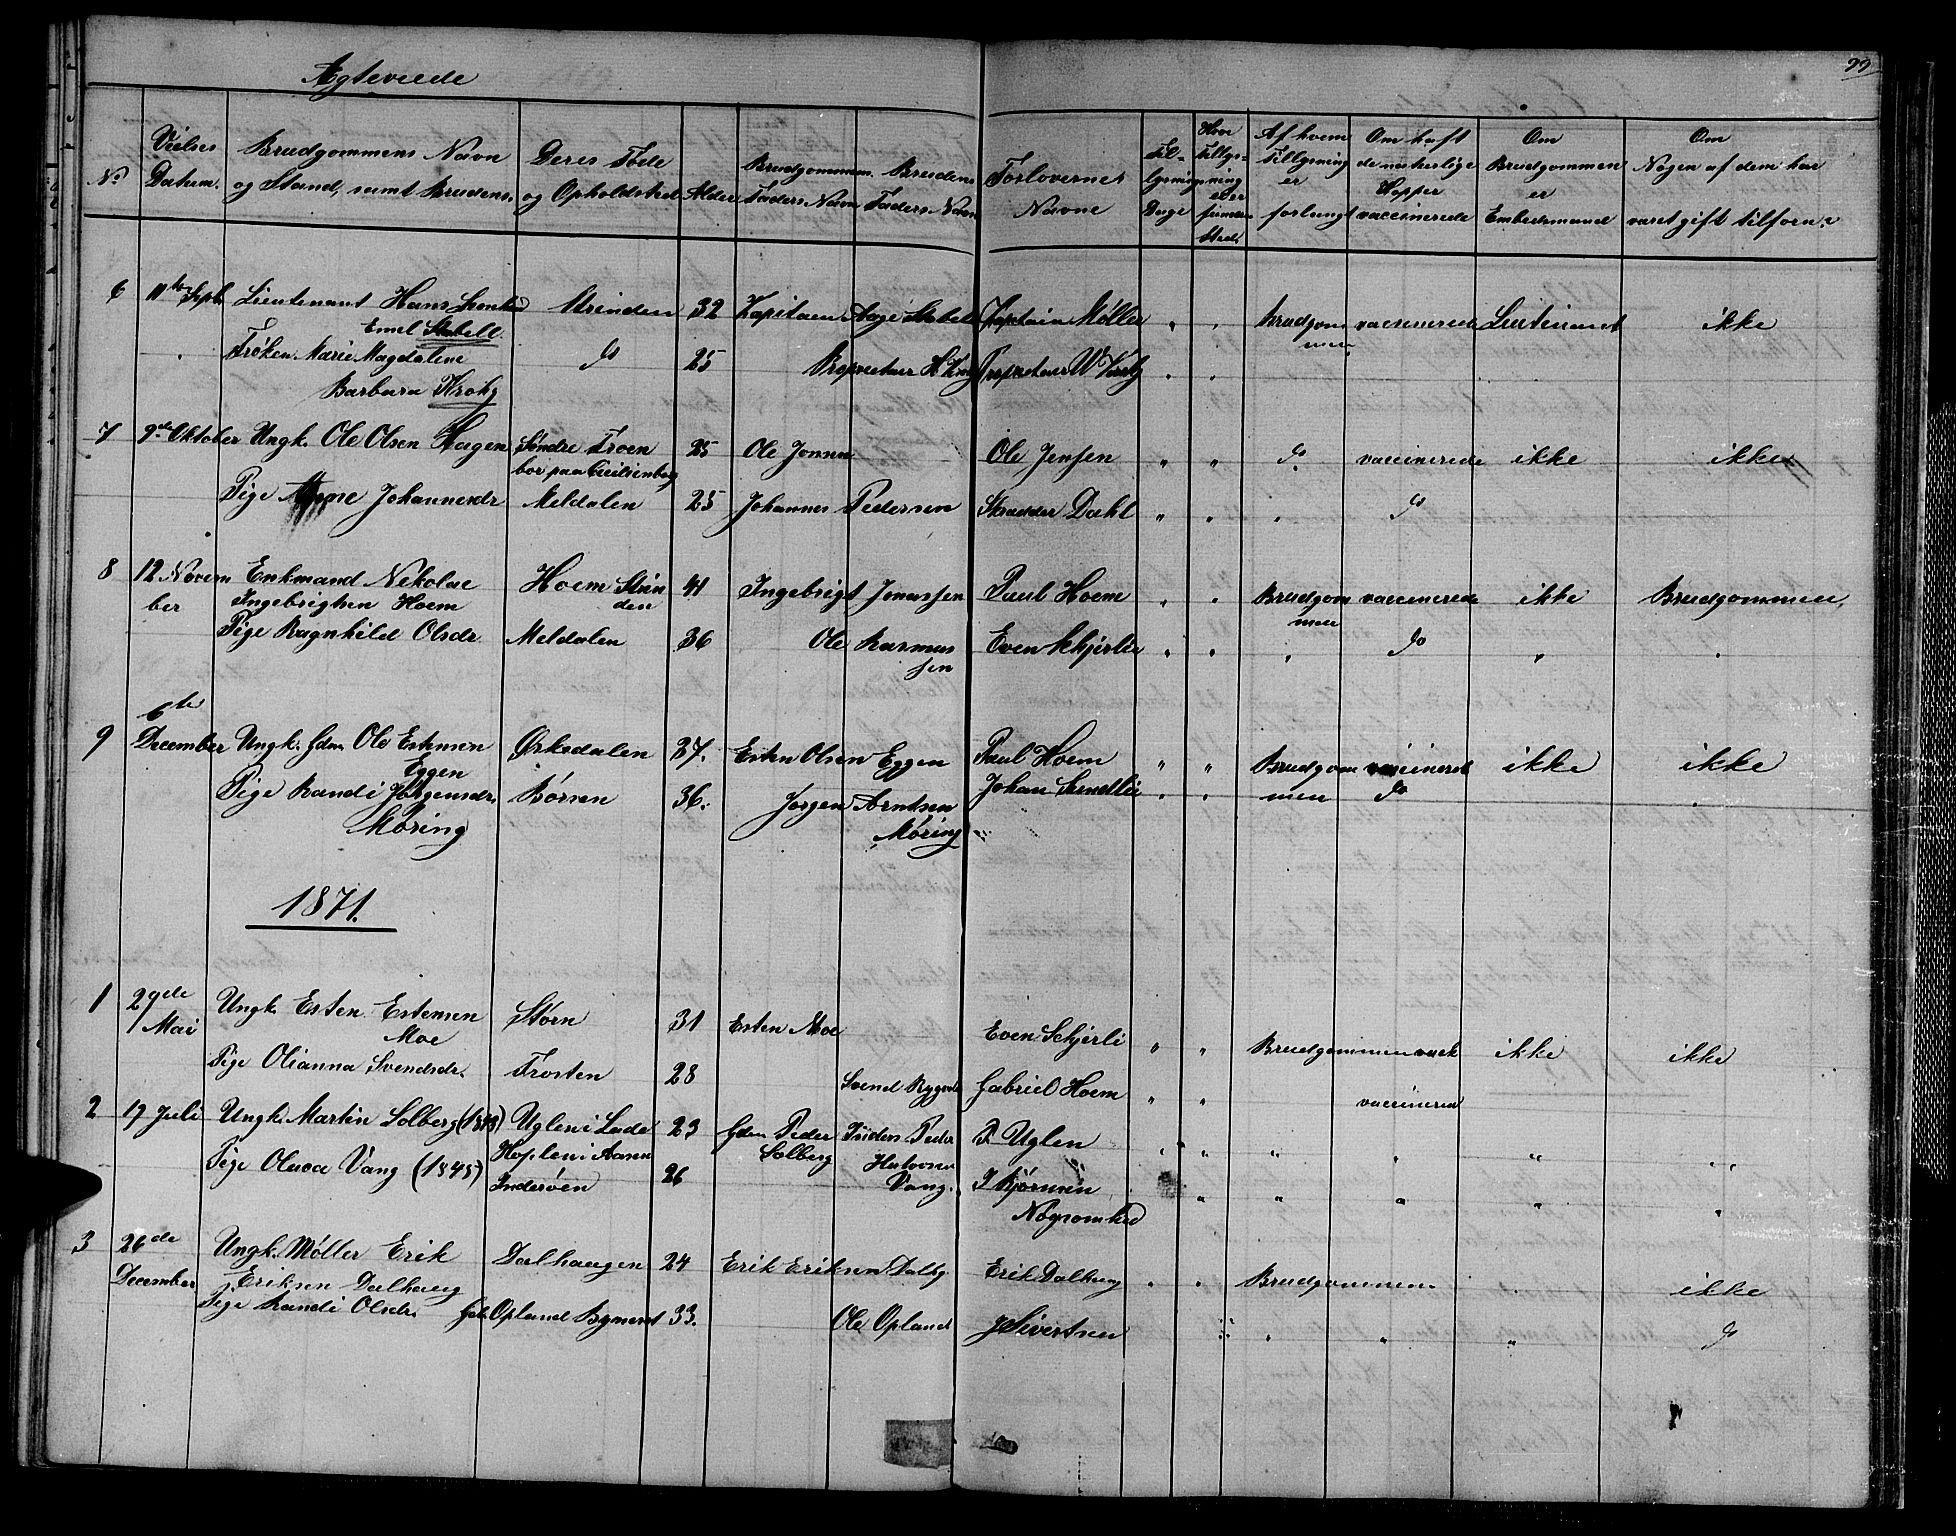 SAT, Ministerialprotokoller, klokkerbøker og fødselsregistre - Sør-Trøndelag, 611/L0353: Klokkerbok nr. 611C01, 1854-1881, s. 99